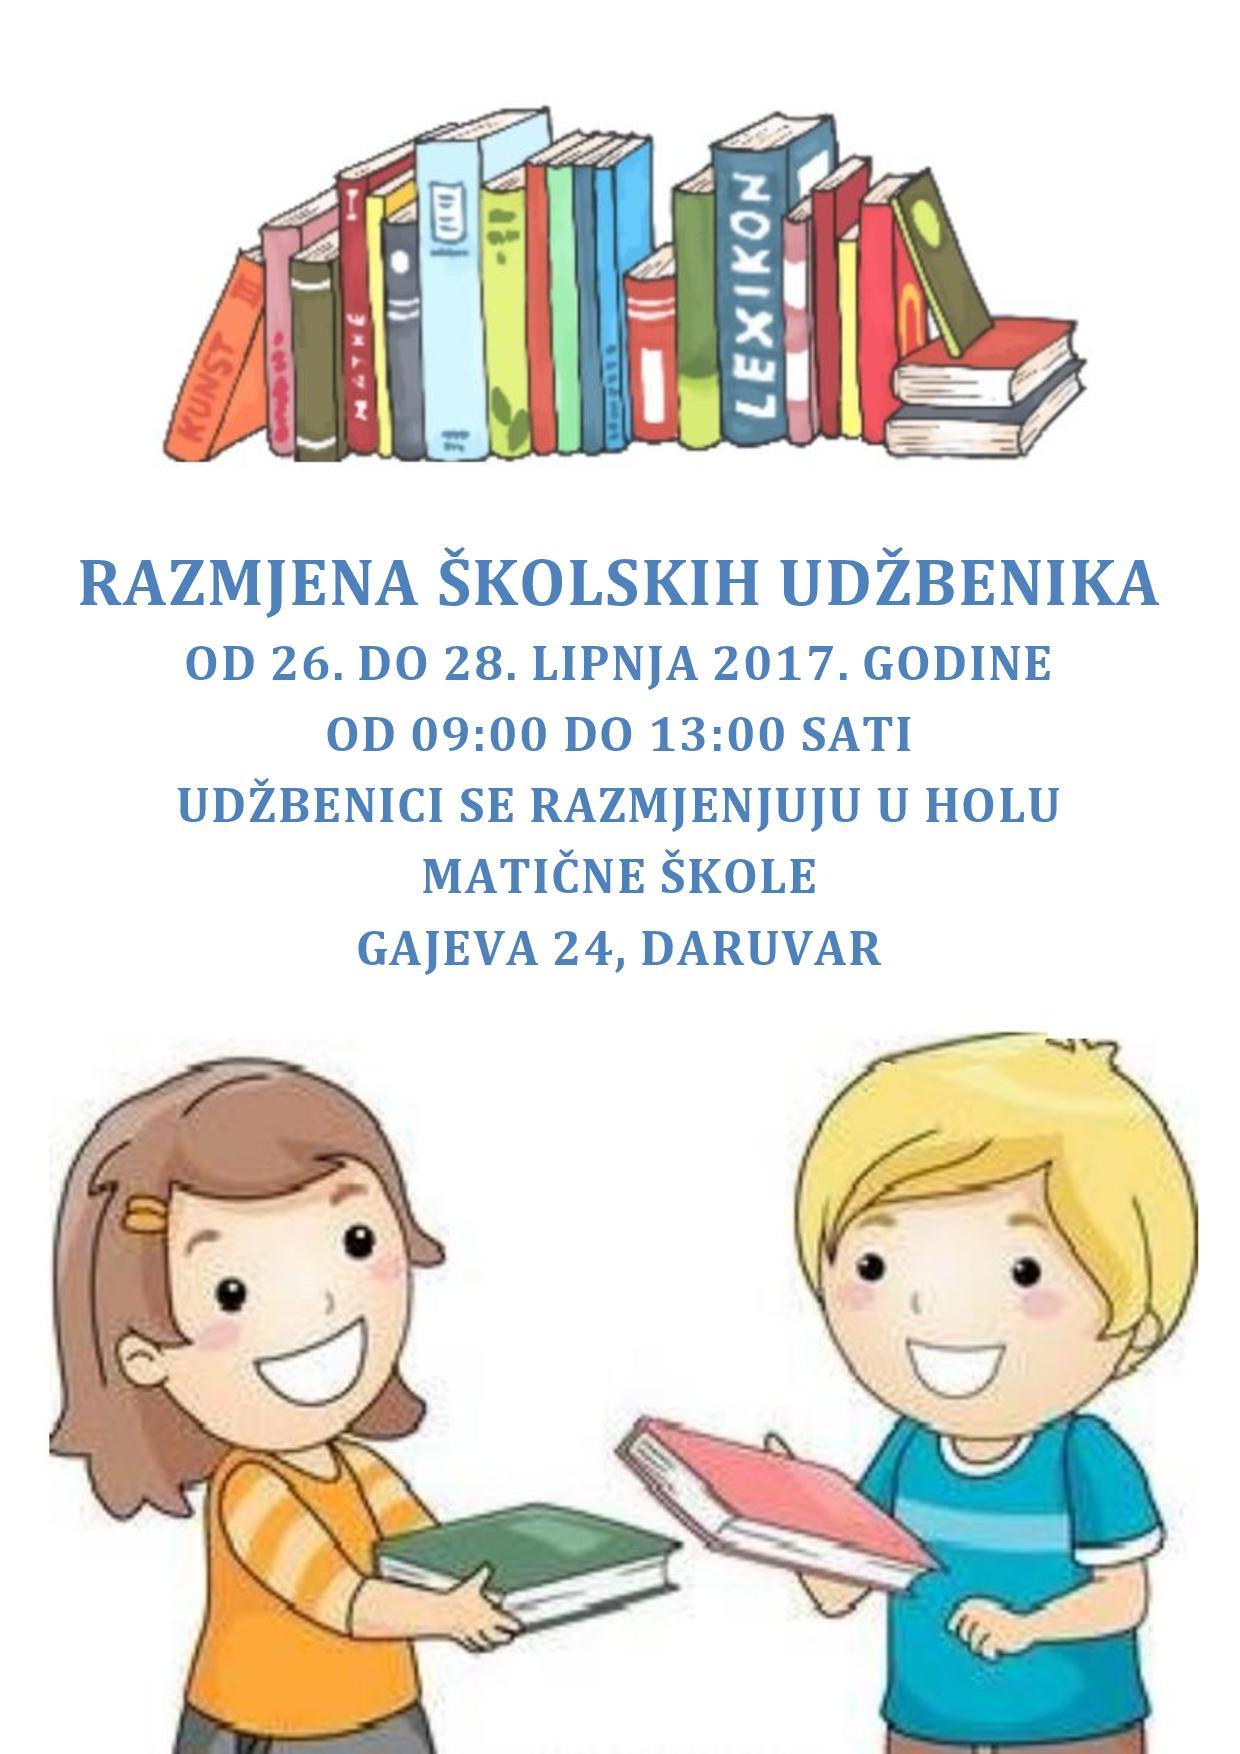 RAZMJENA ŠKOLSKIH UDŽBENIKA-page-001